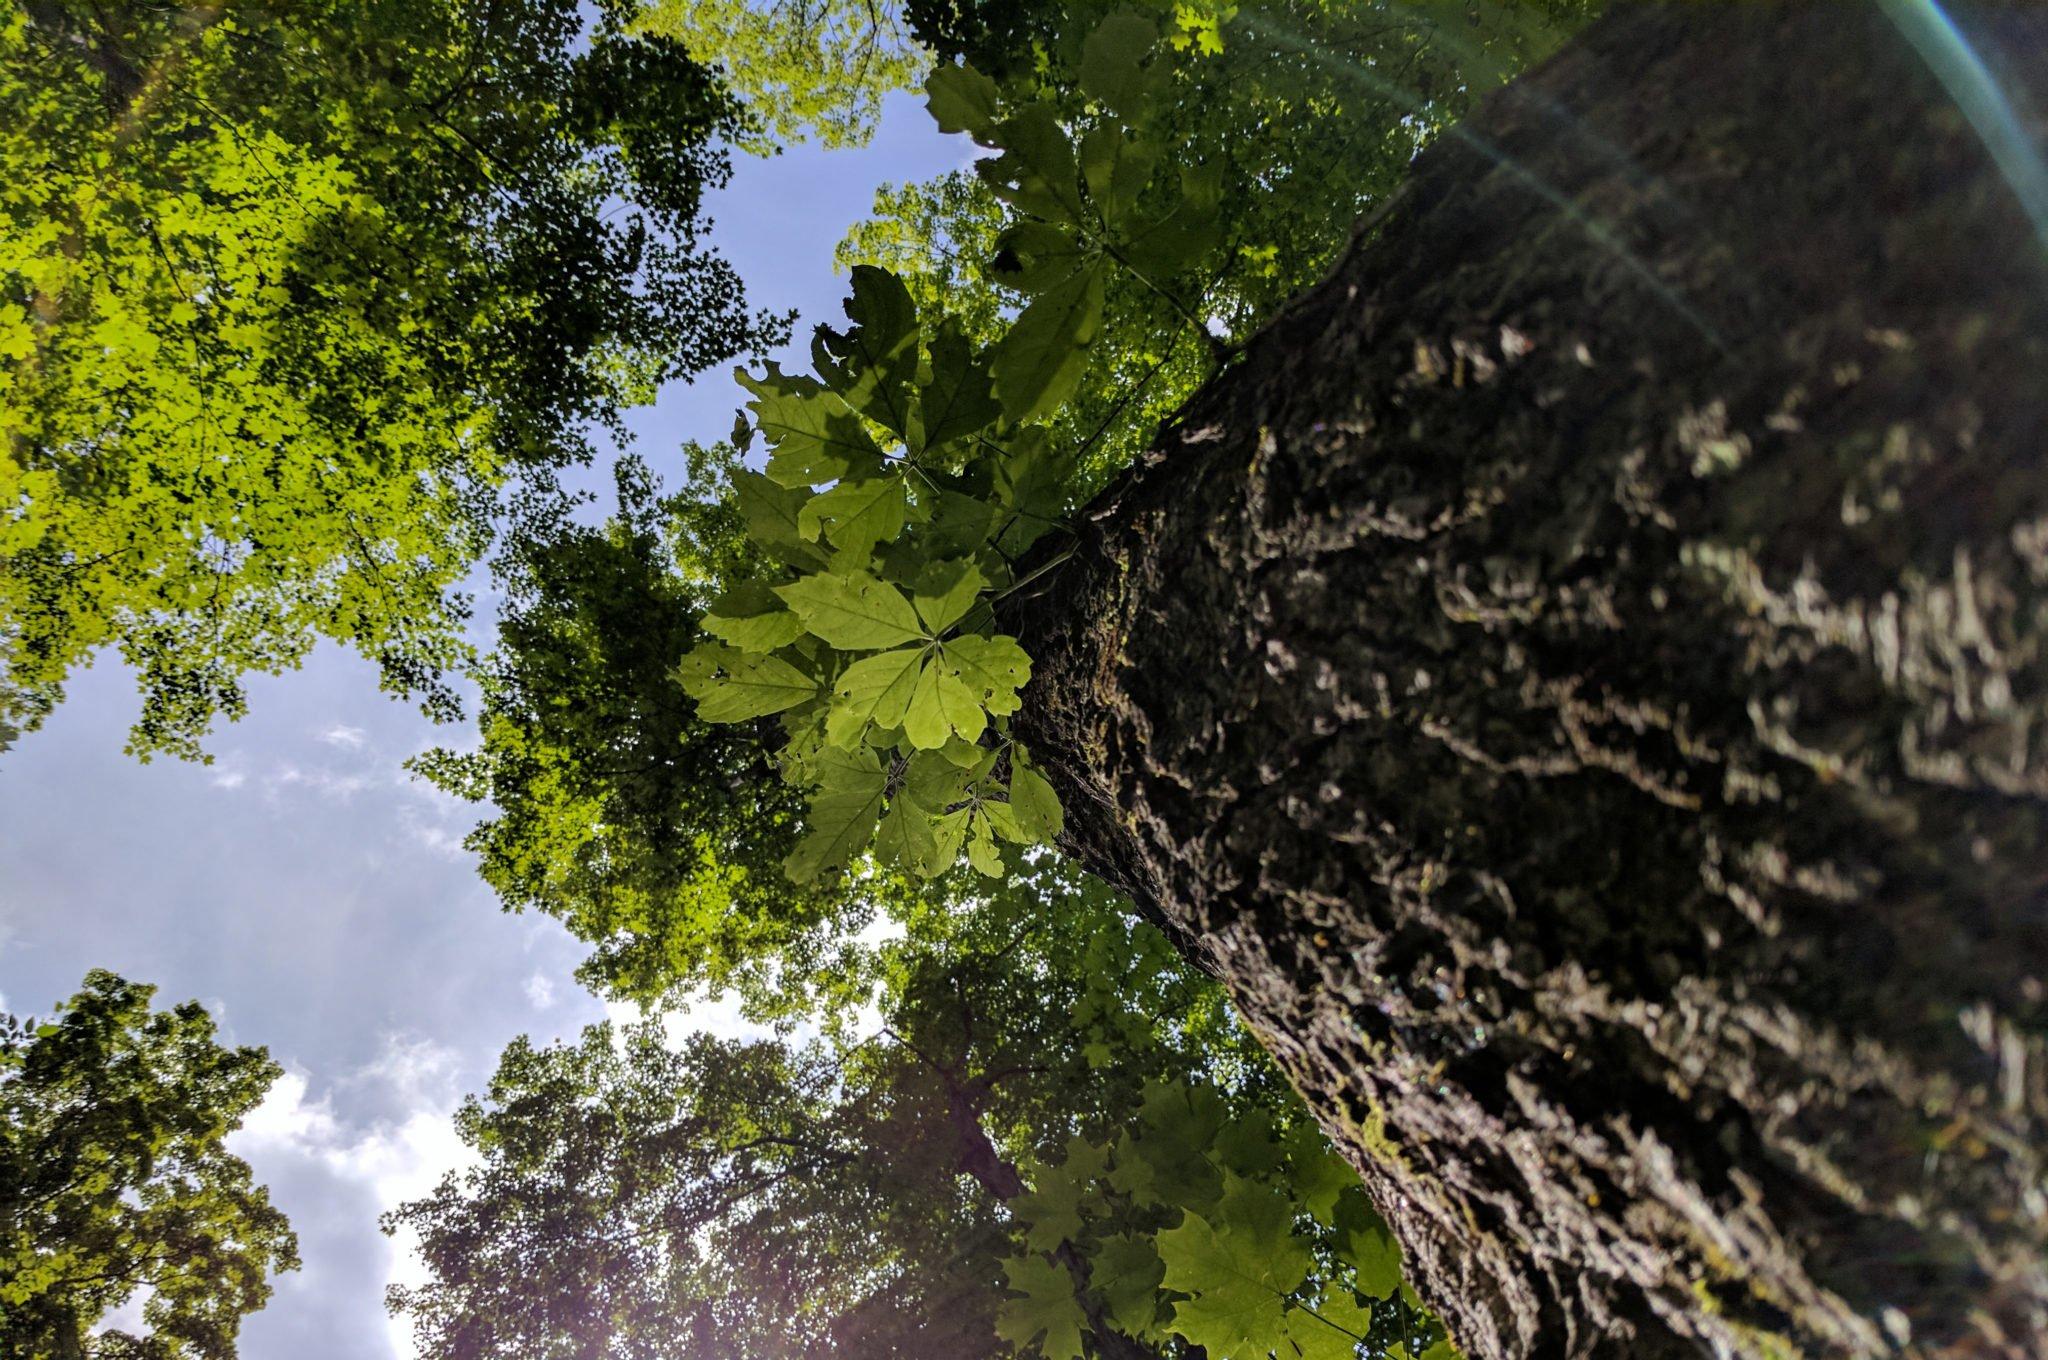 Giant Maple